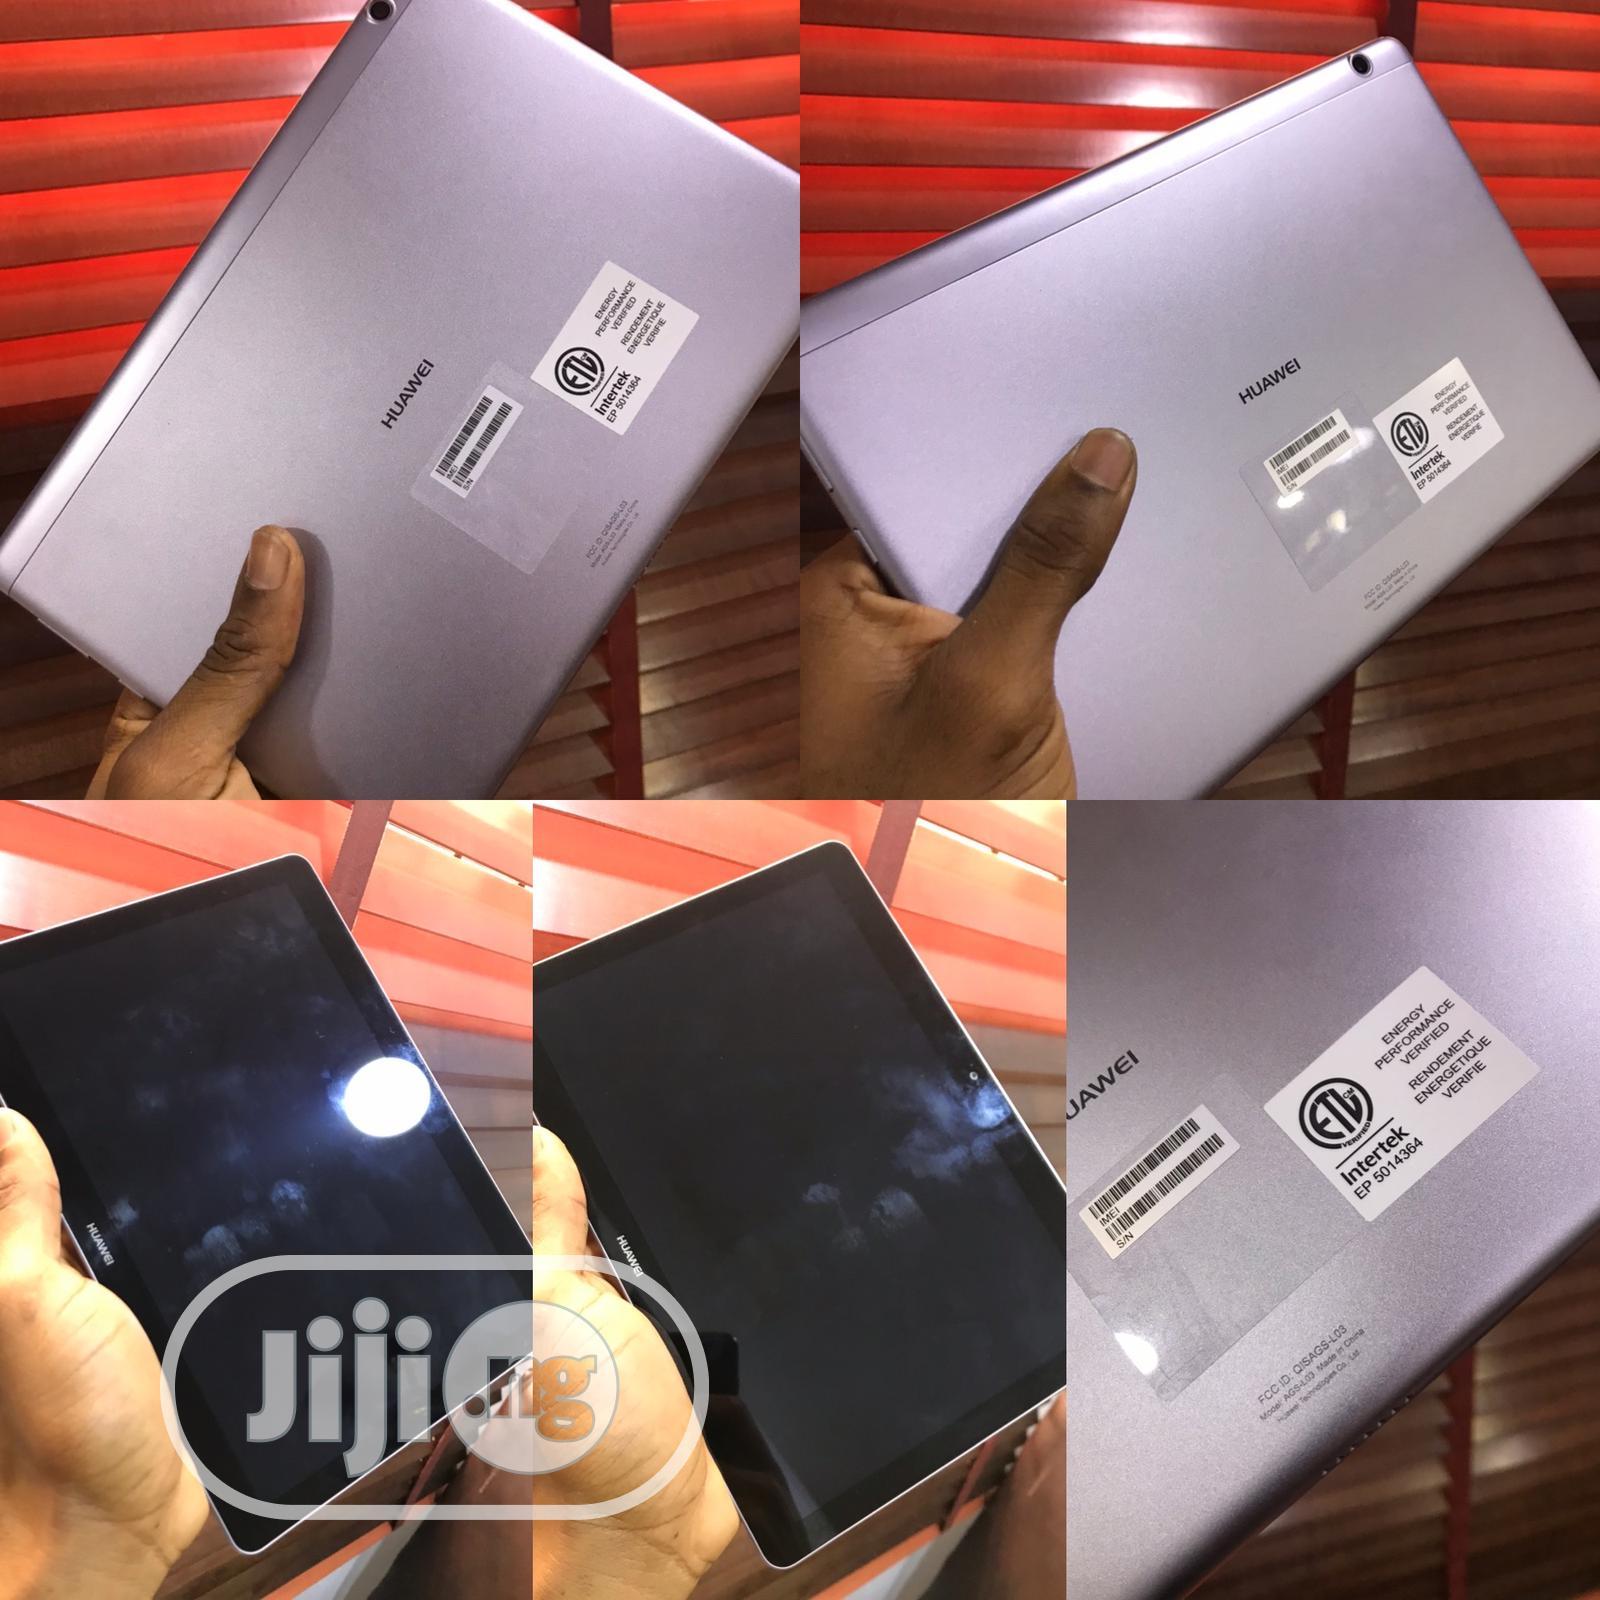 Huawei MediaPad T3 10 32 GB Gray